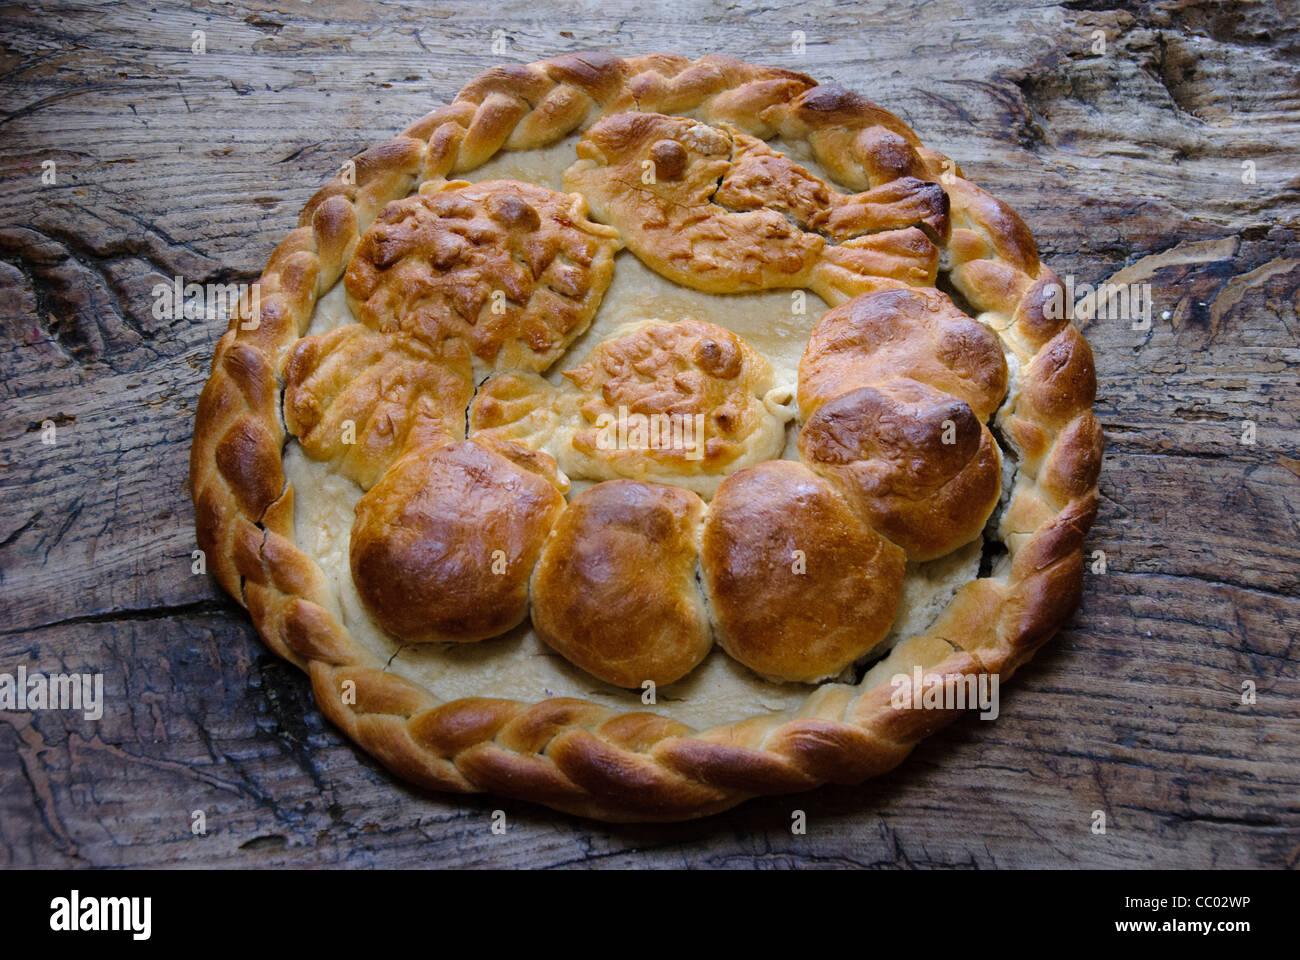 La récolte d'ornement fait maison miche avec motif de cinq pains et deux poissons et bord tressé Photo Stock